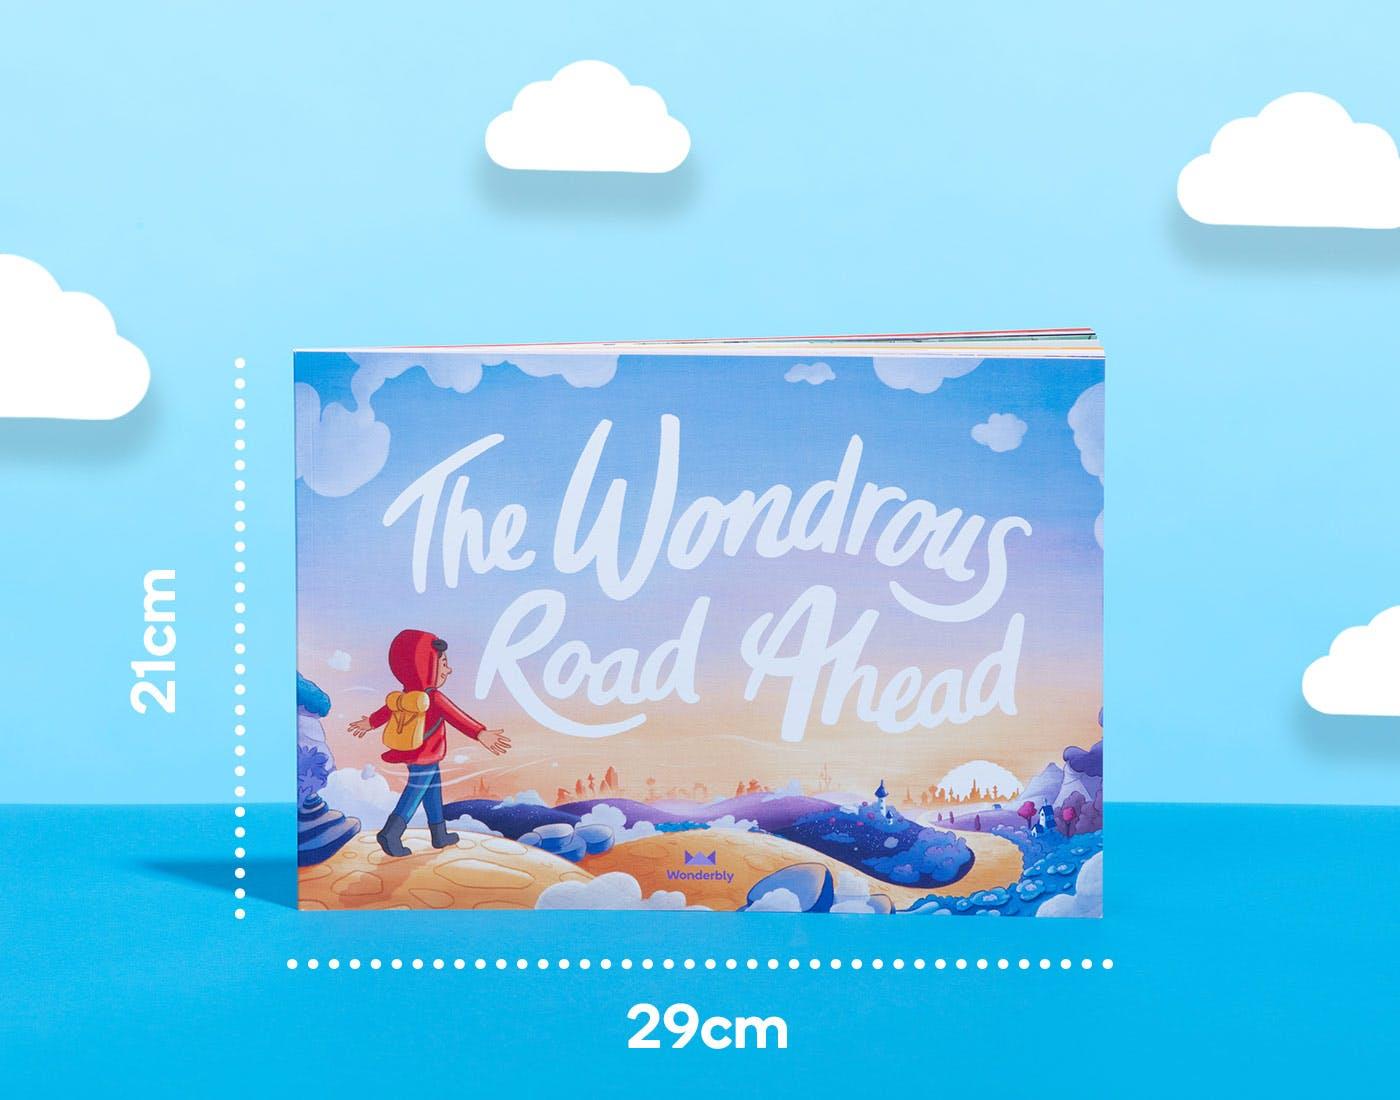 The Wondrous Road Ahead, book size 21cm x 29cm